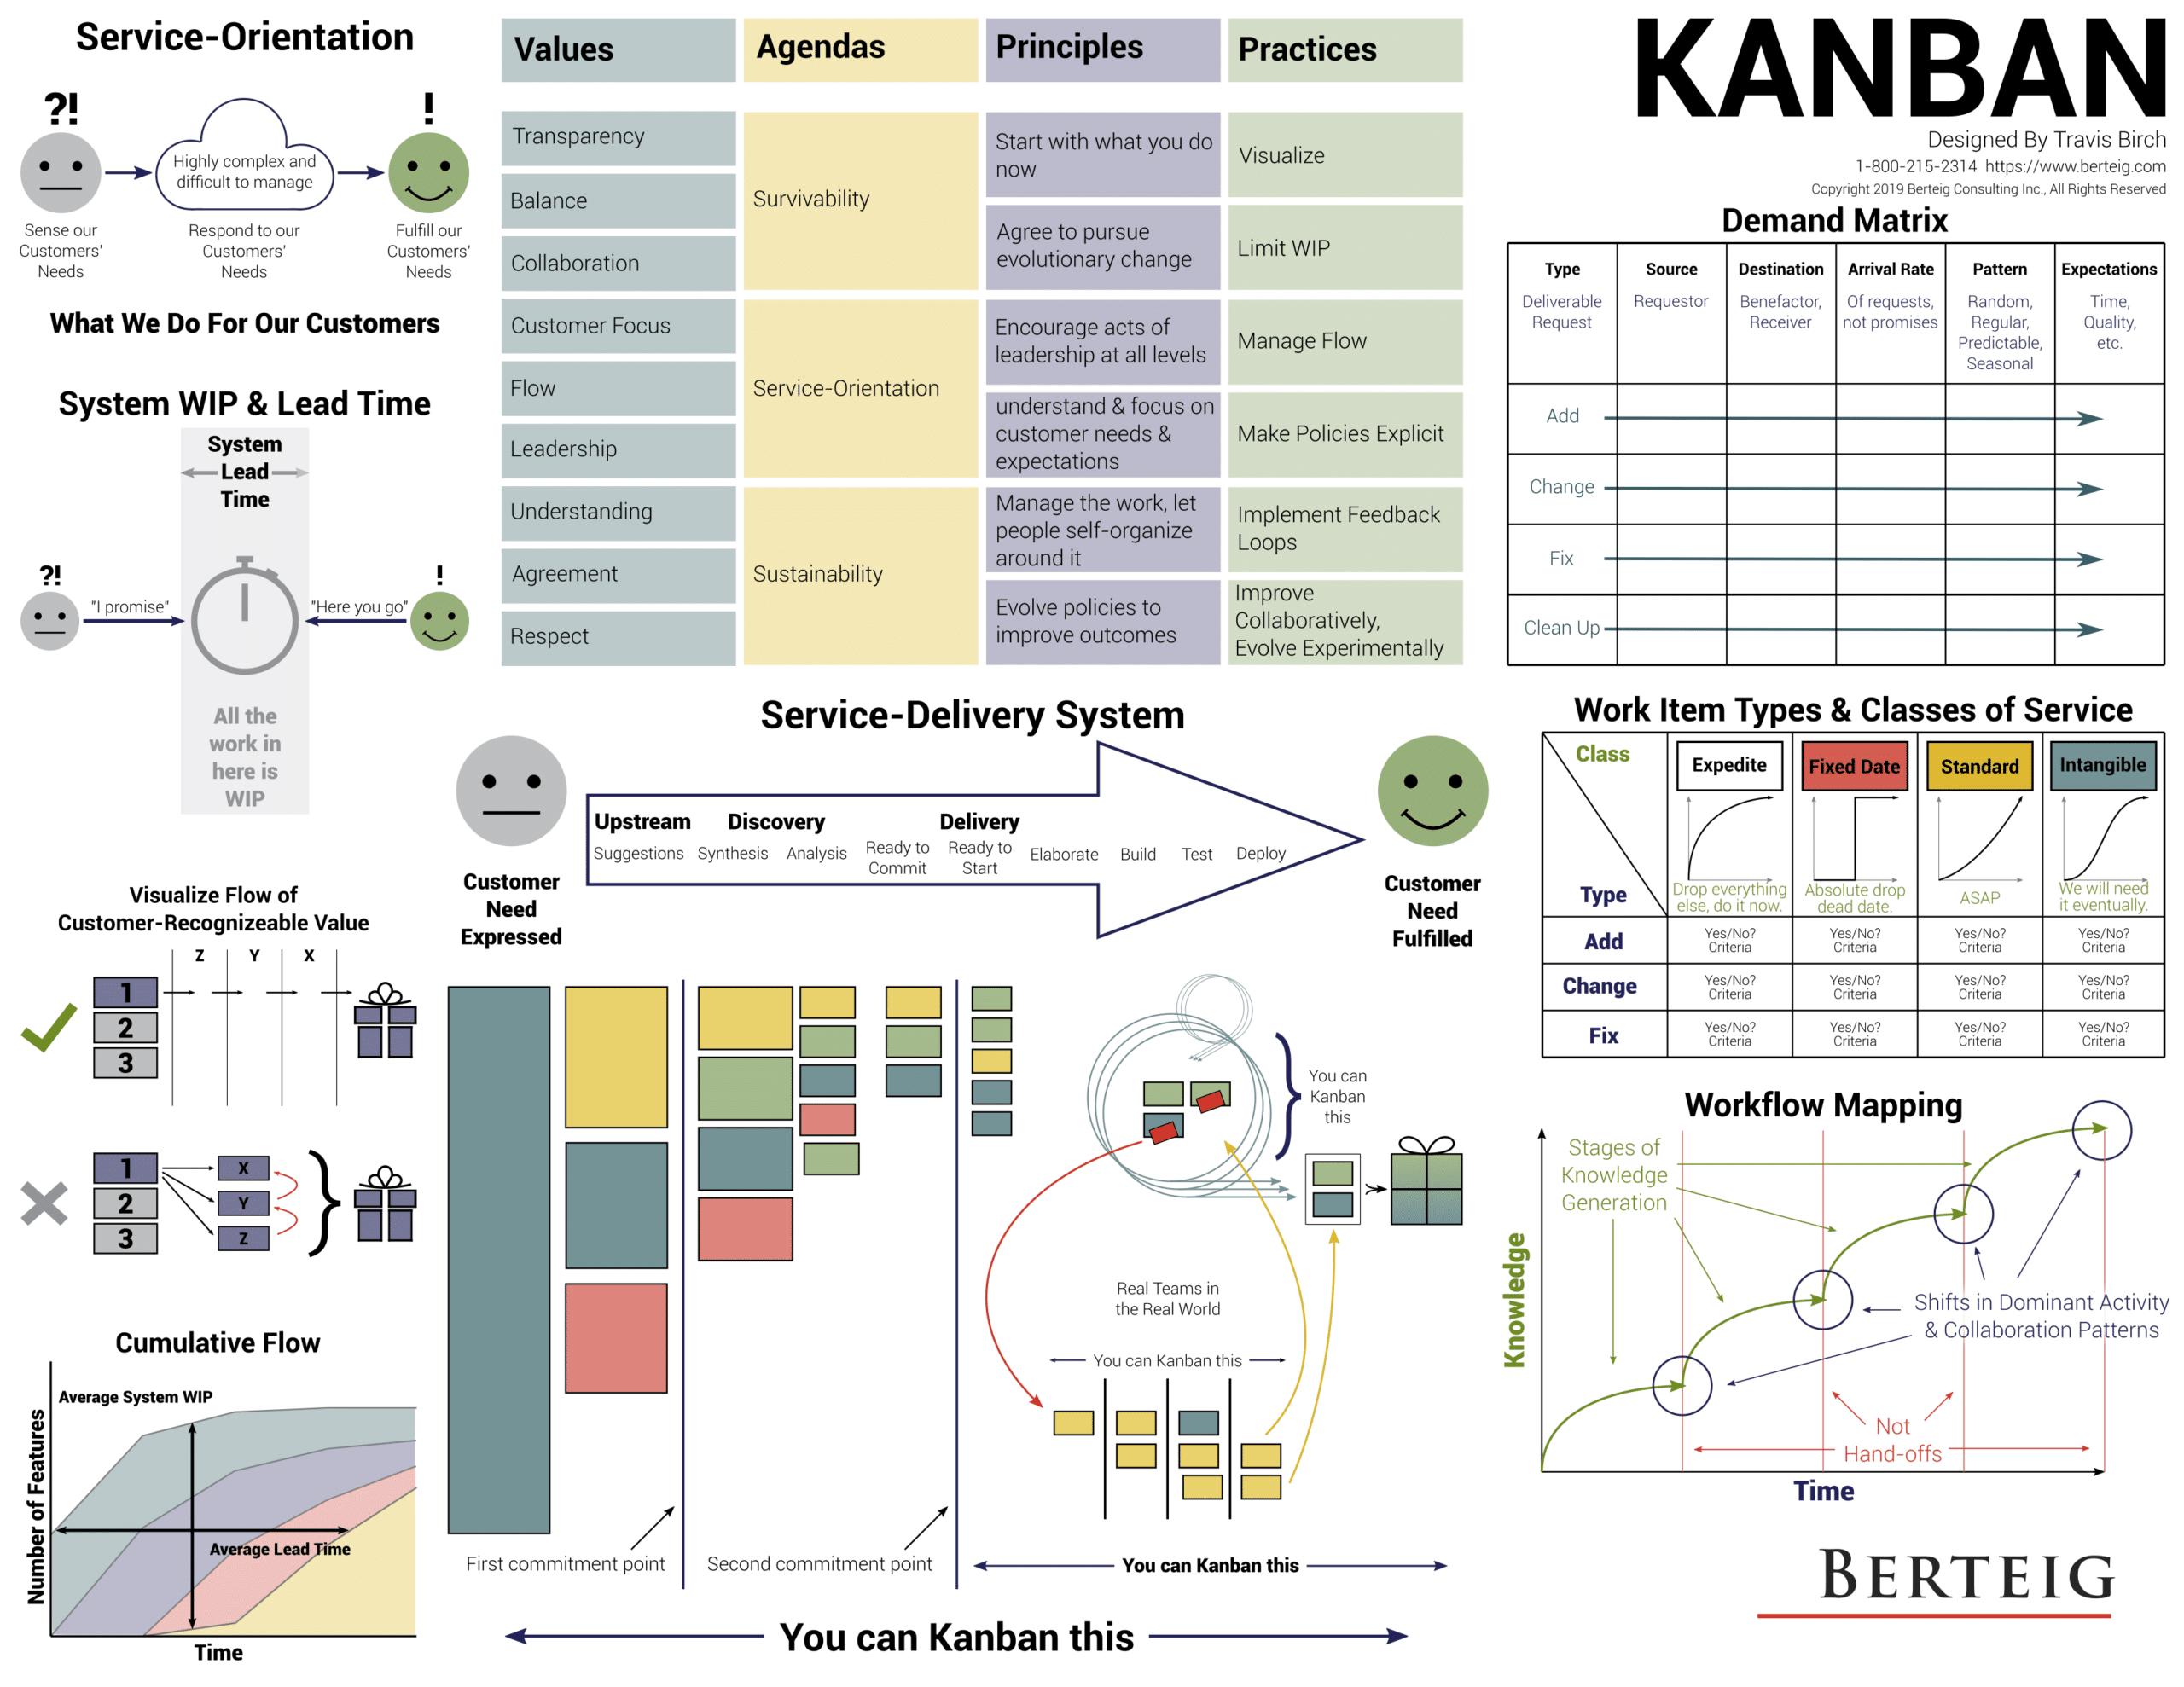 Kanban diagram